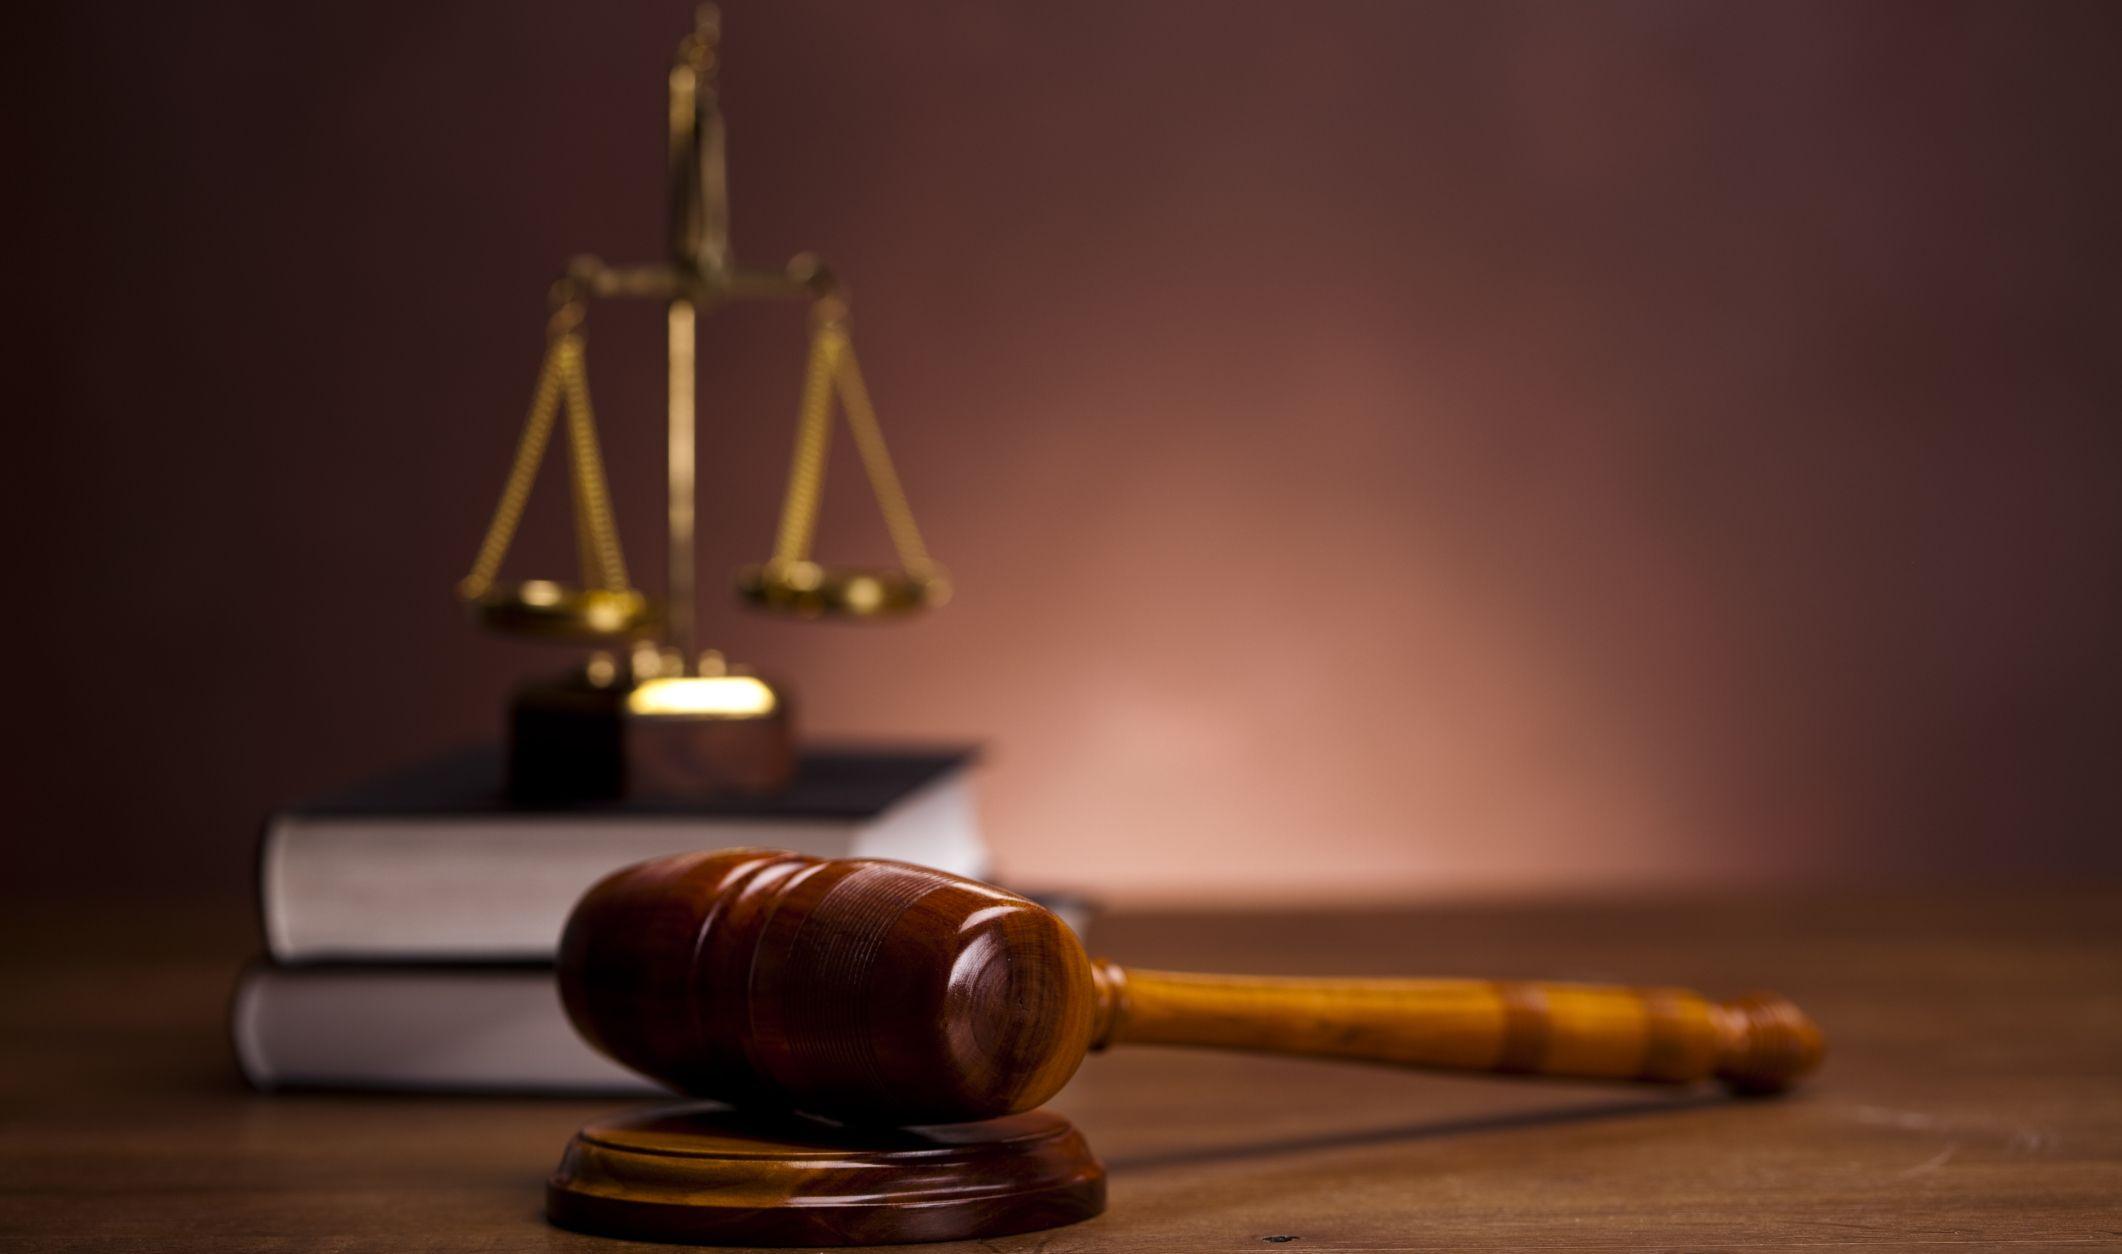 محكمة إسرائيلية تقضي بسجن فتاة فلسطينية 10 سنوات